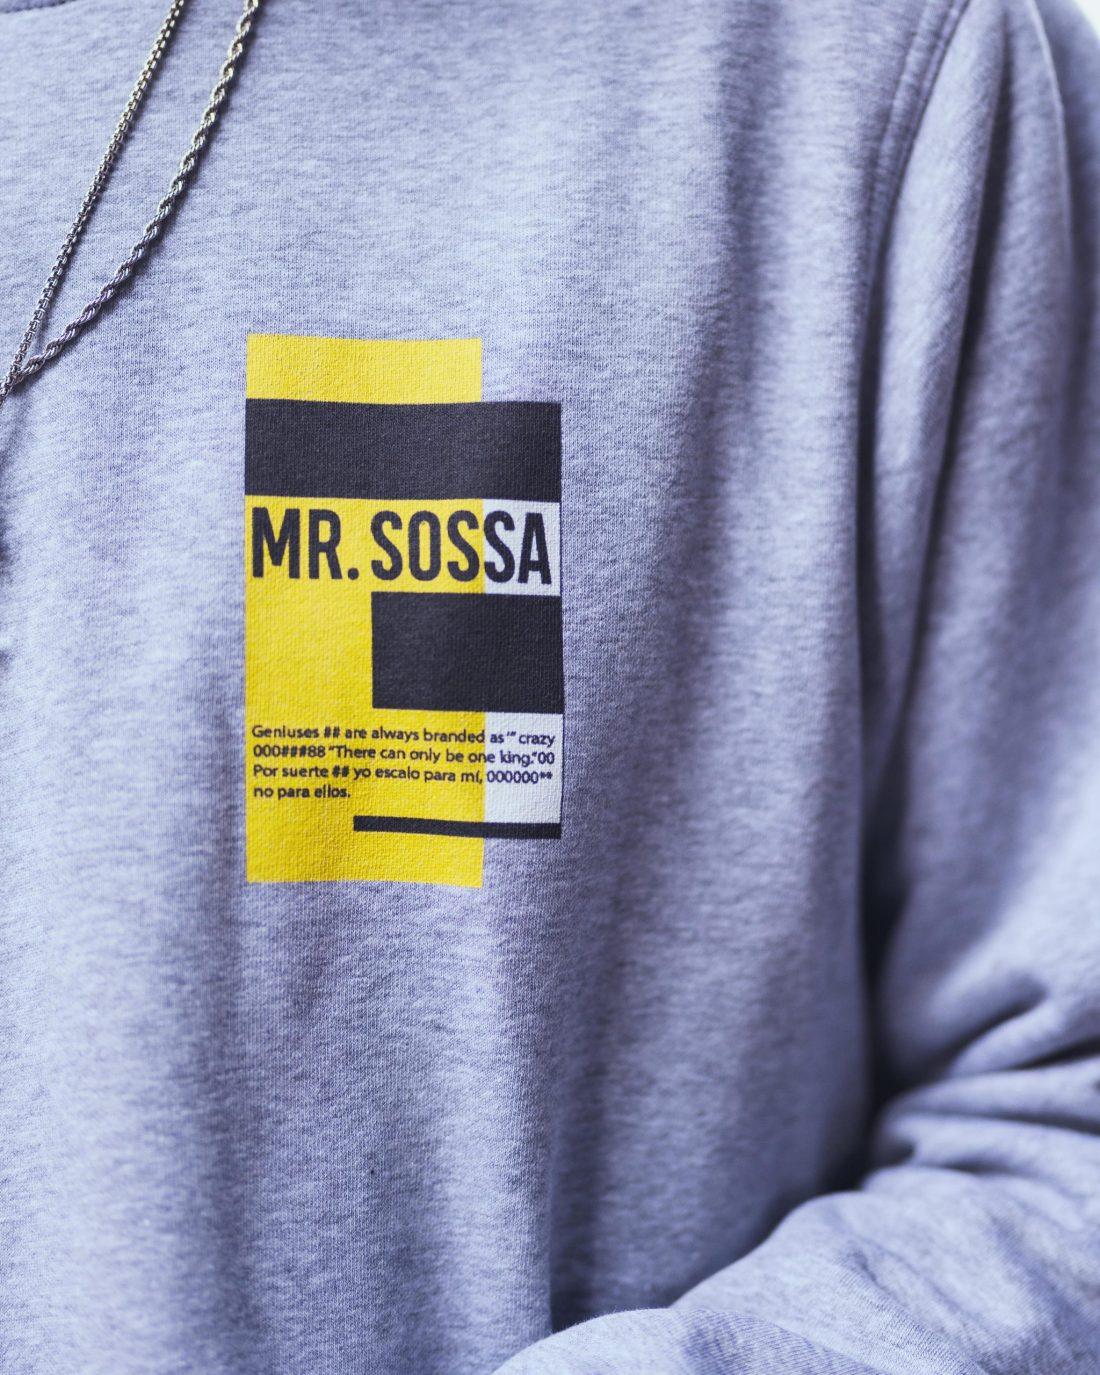 SOSSA_026-min